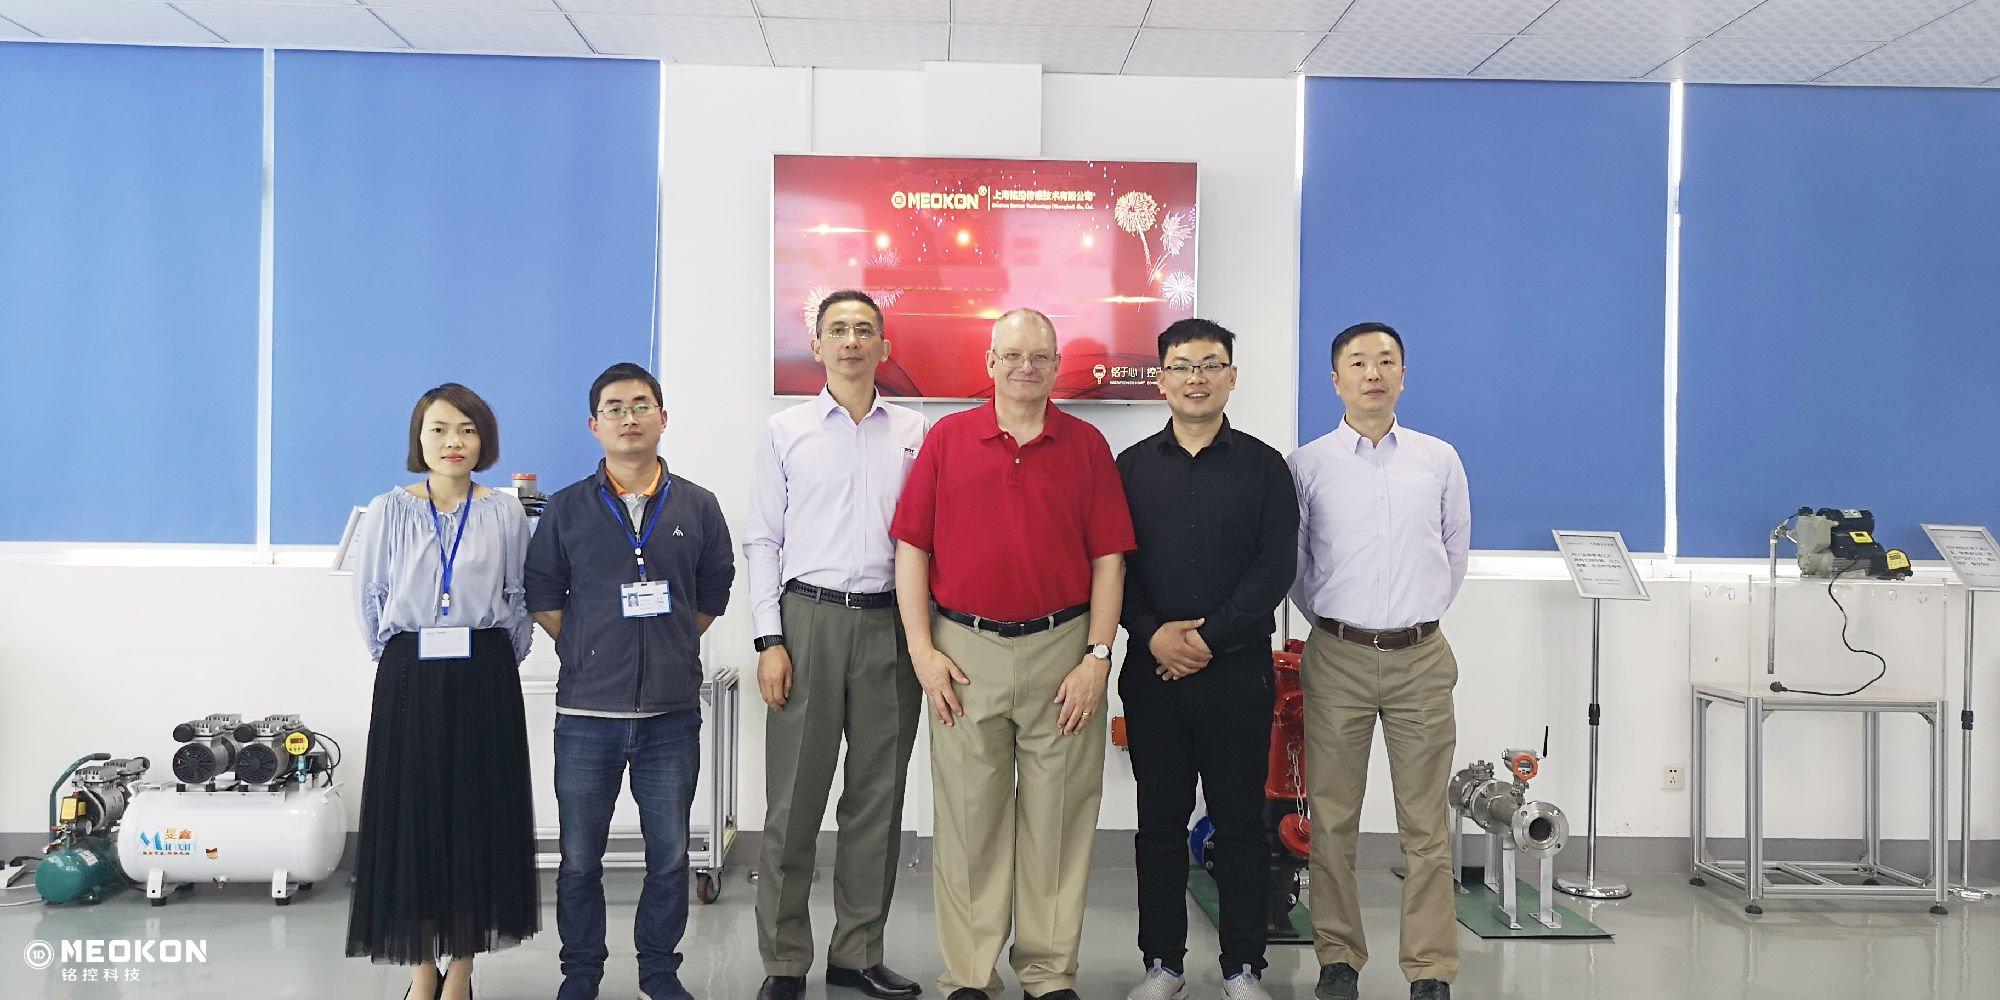 上海銘控:熱烈歡迎美國客戶來訪上海銘控